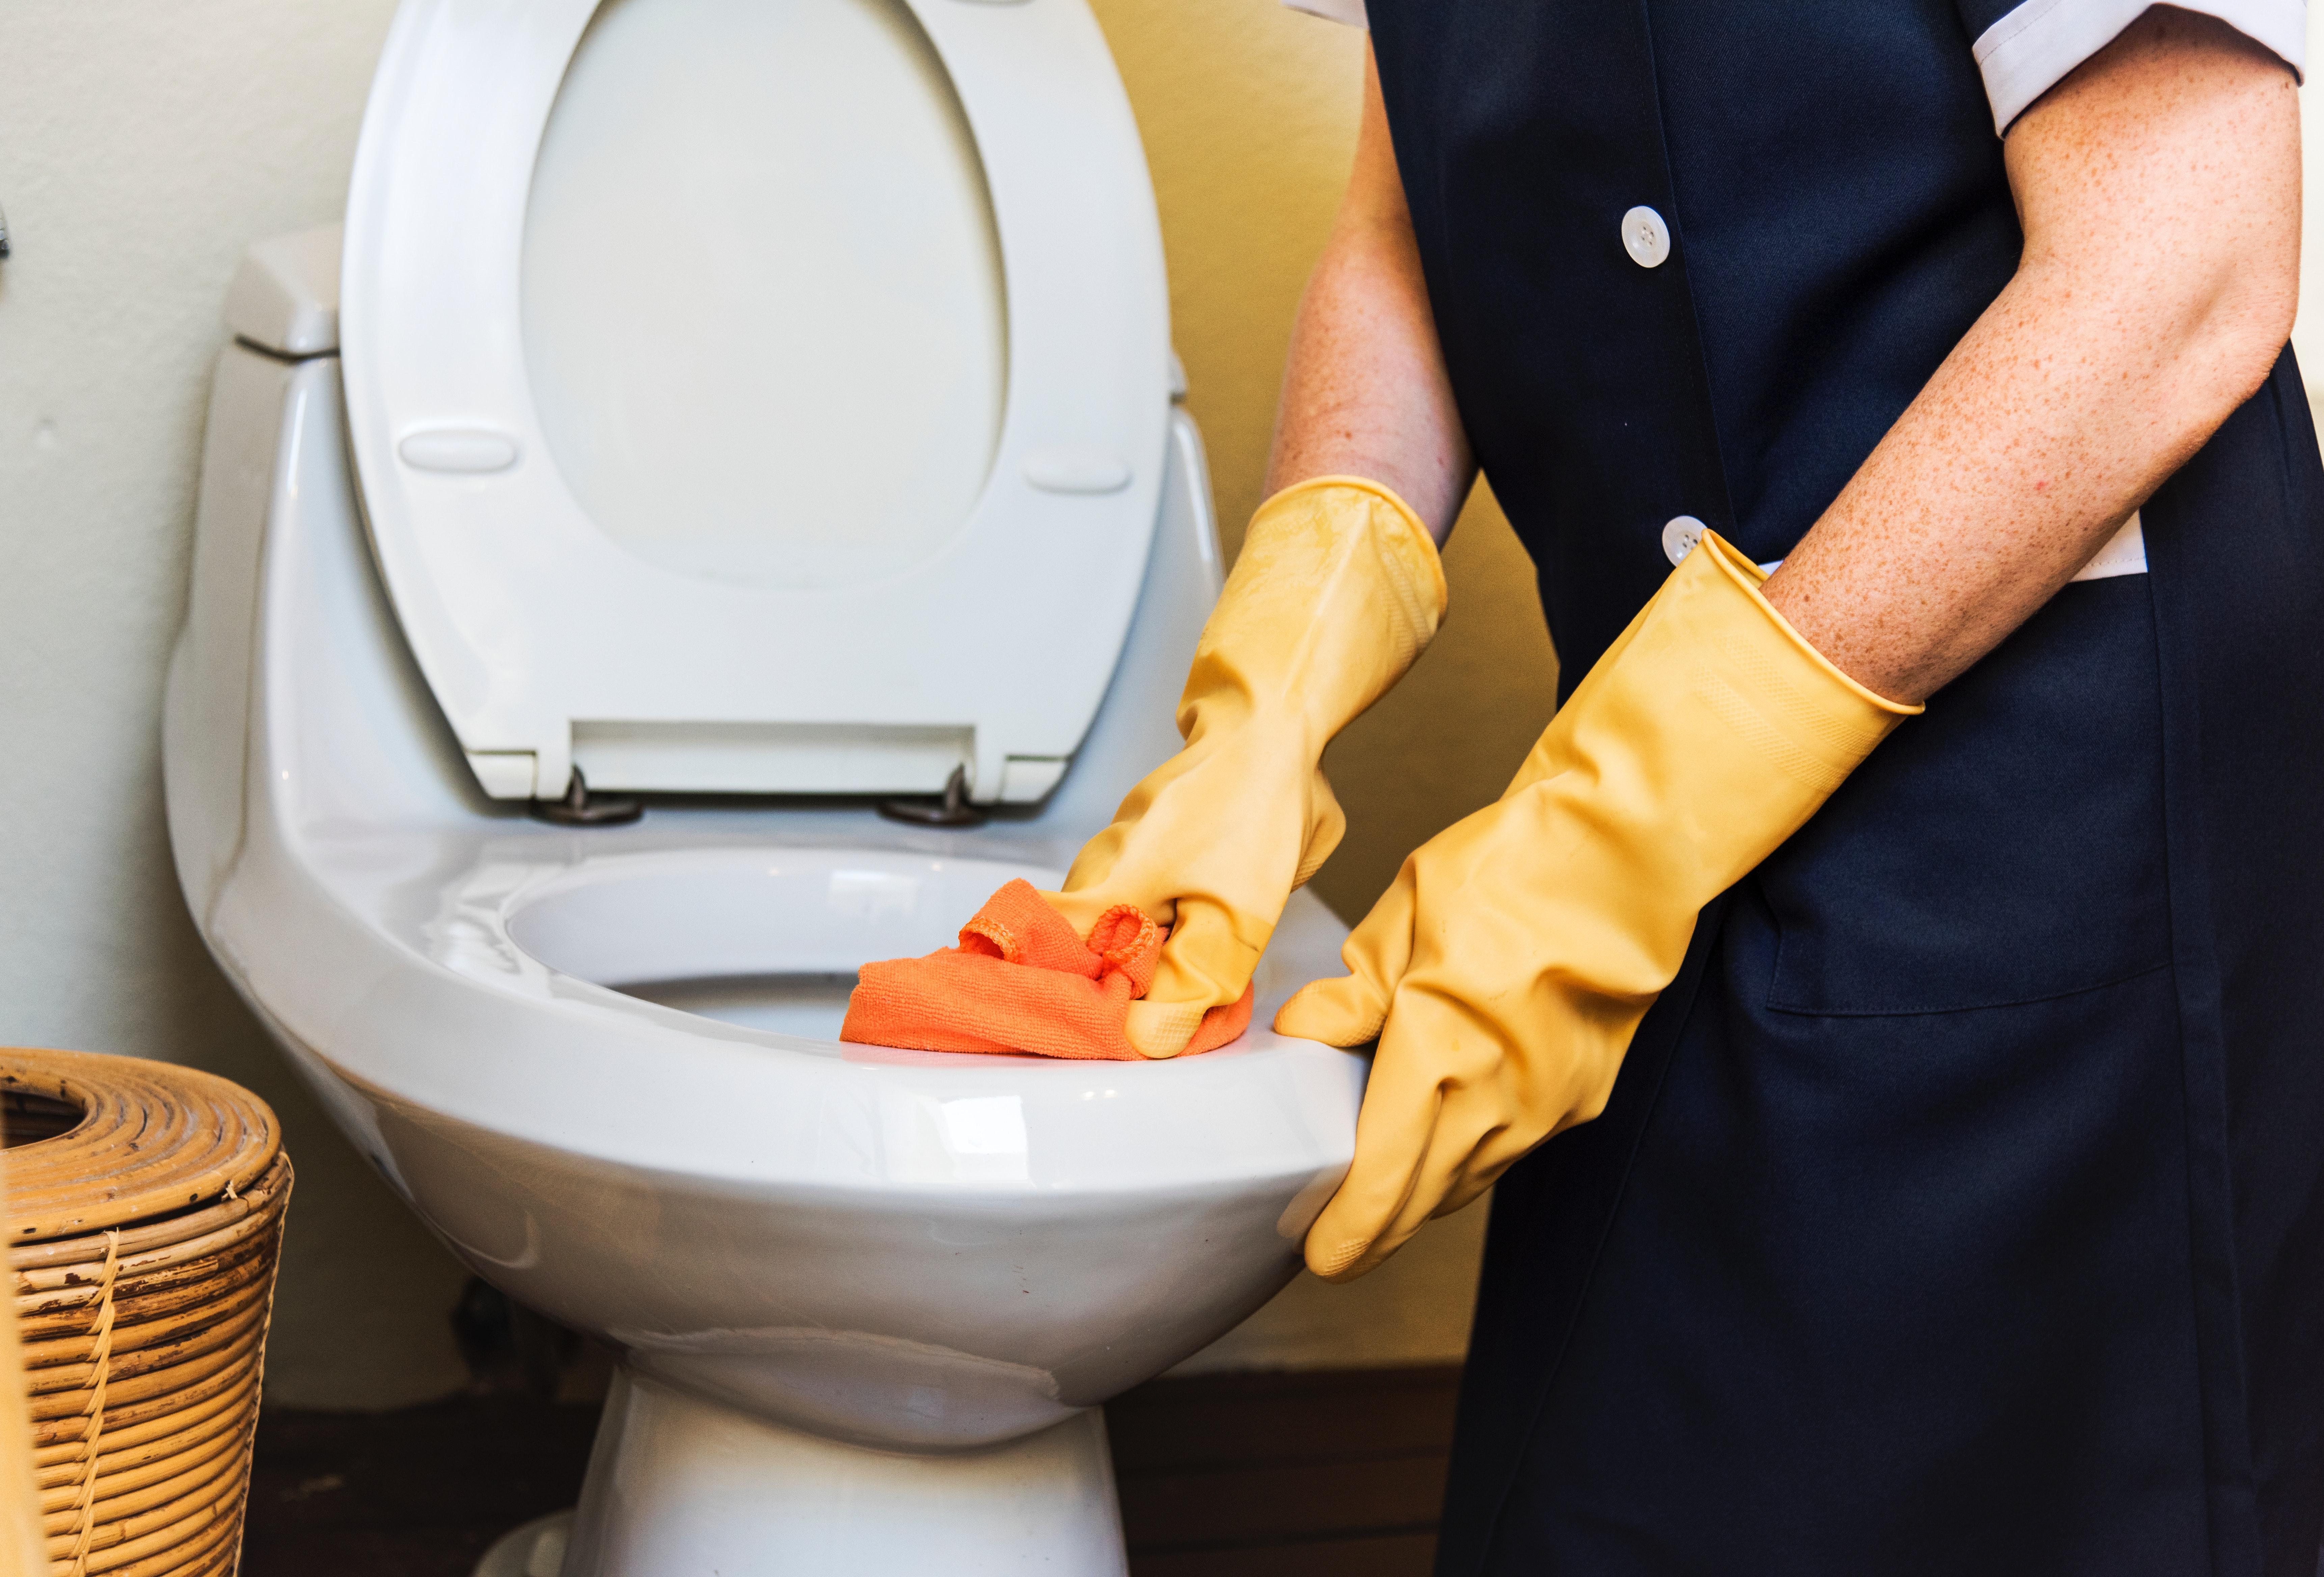 Připravte si domácí lázně ve vlastní koupelně